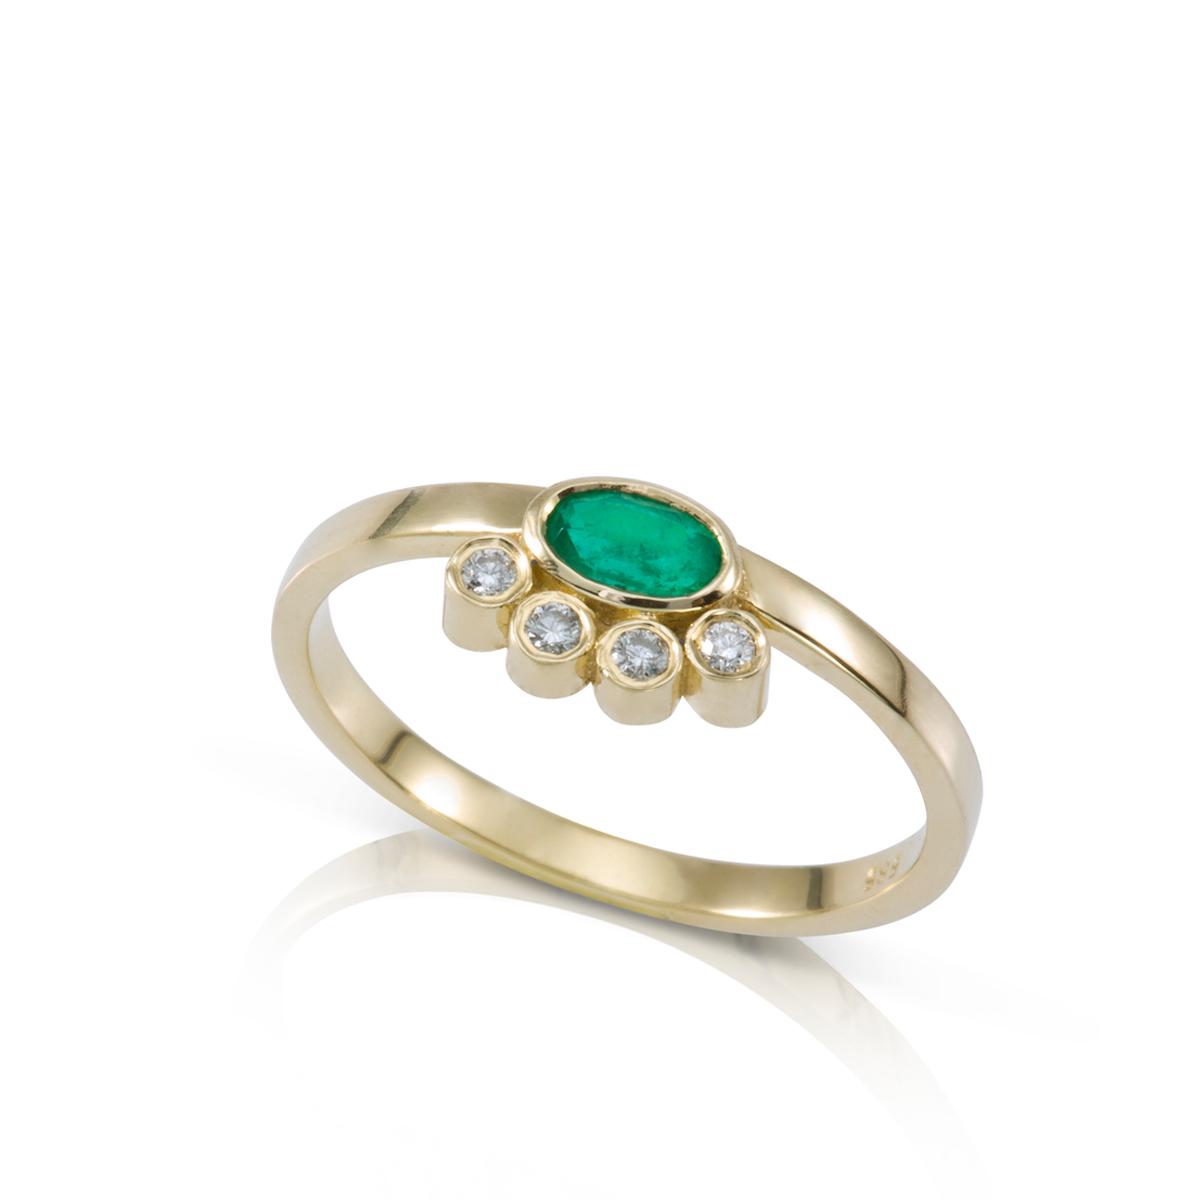 טבעת זהב משובצת אמרלד ויהלומים